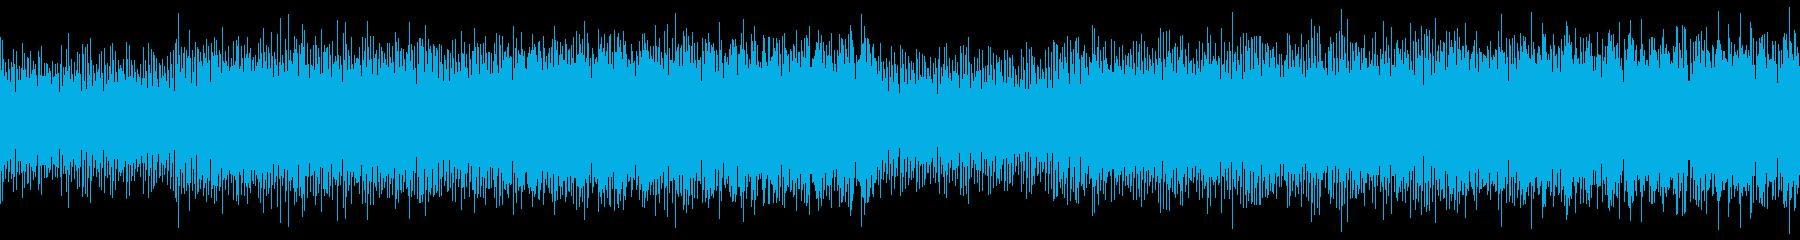 ループ 企業VP/CM 透明感あるピアノの再生済みの波形